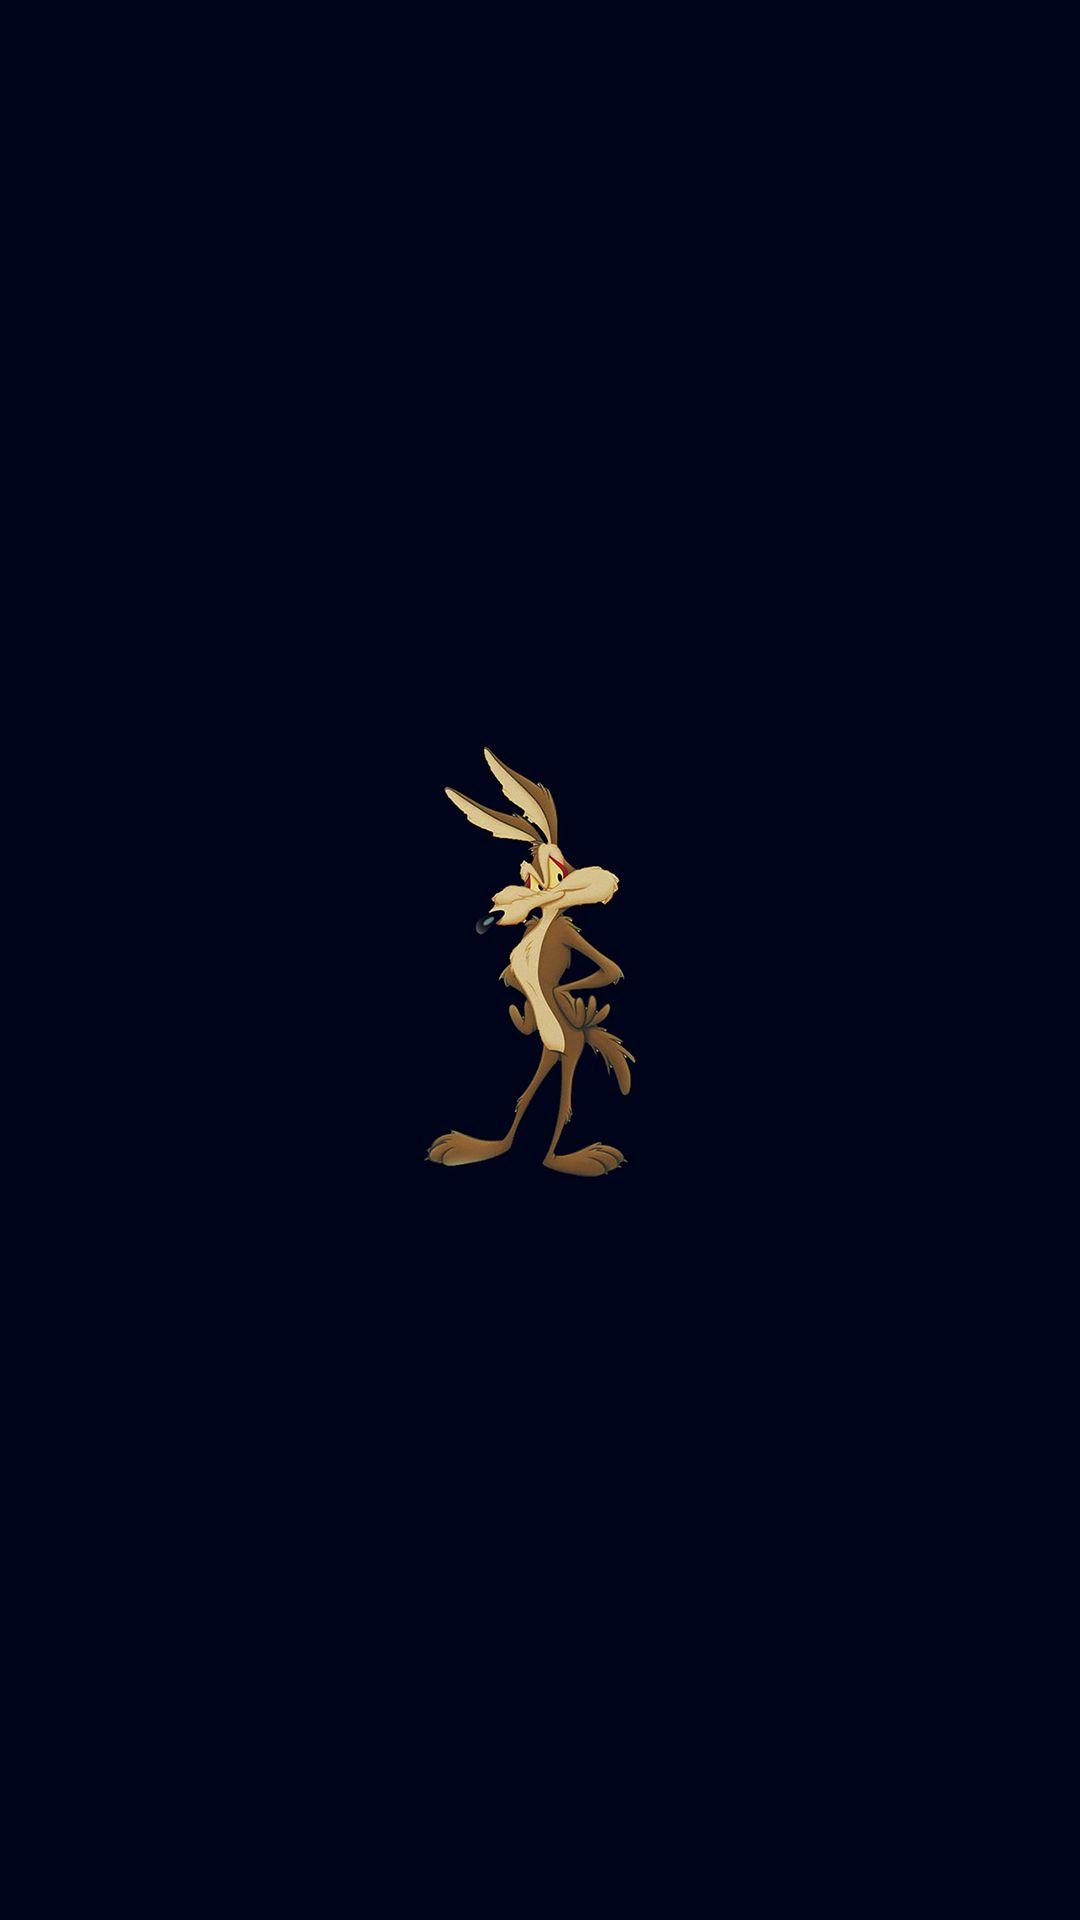 Cute Bugs Bunny Cartoon Dark Illust Art IPhone 7 Wallpaper